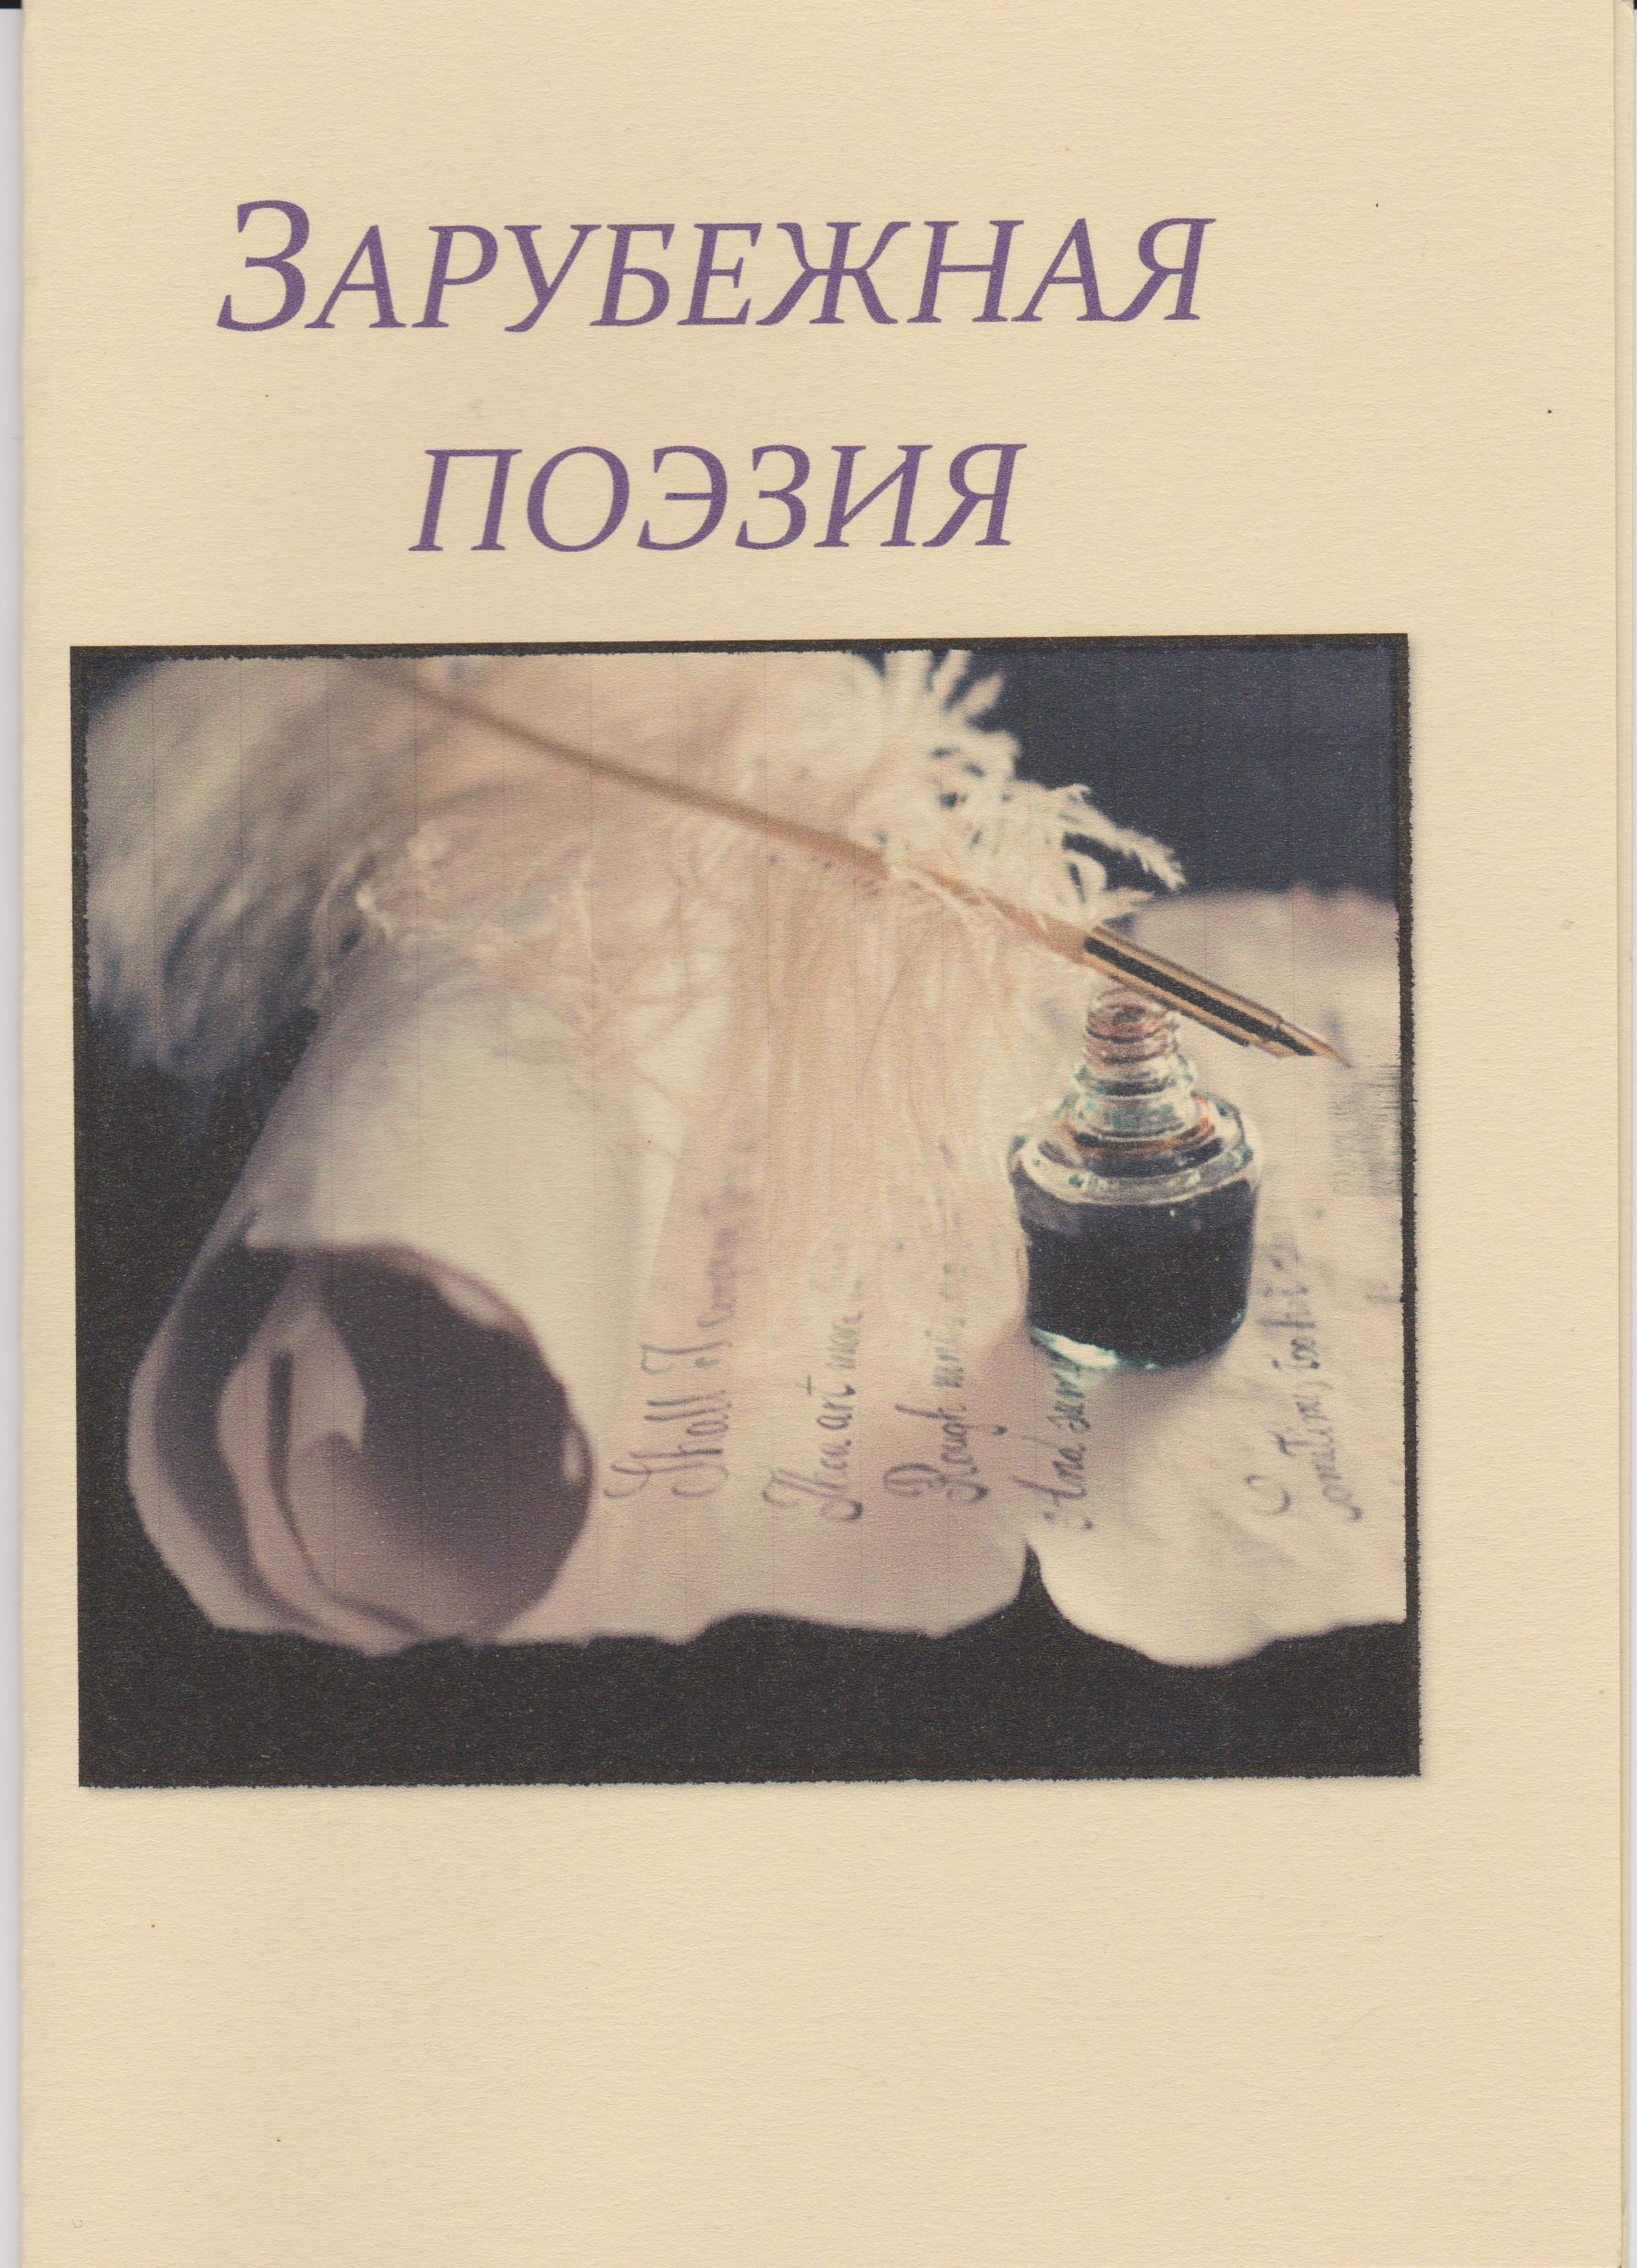 зарубежная поэзия,библиотека-филиал17 жукова,библиоподиум,симферополь,любимые жанры,литература